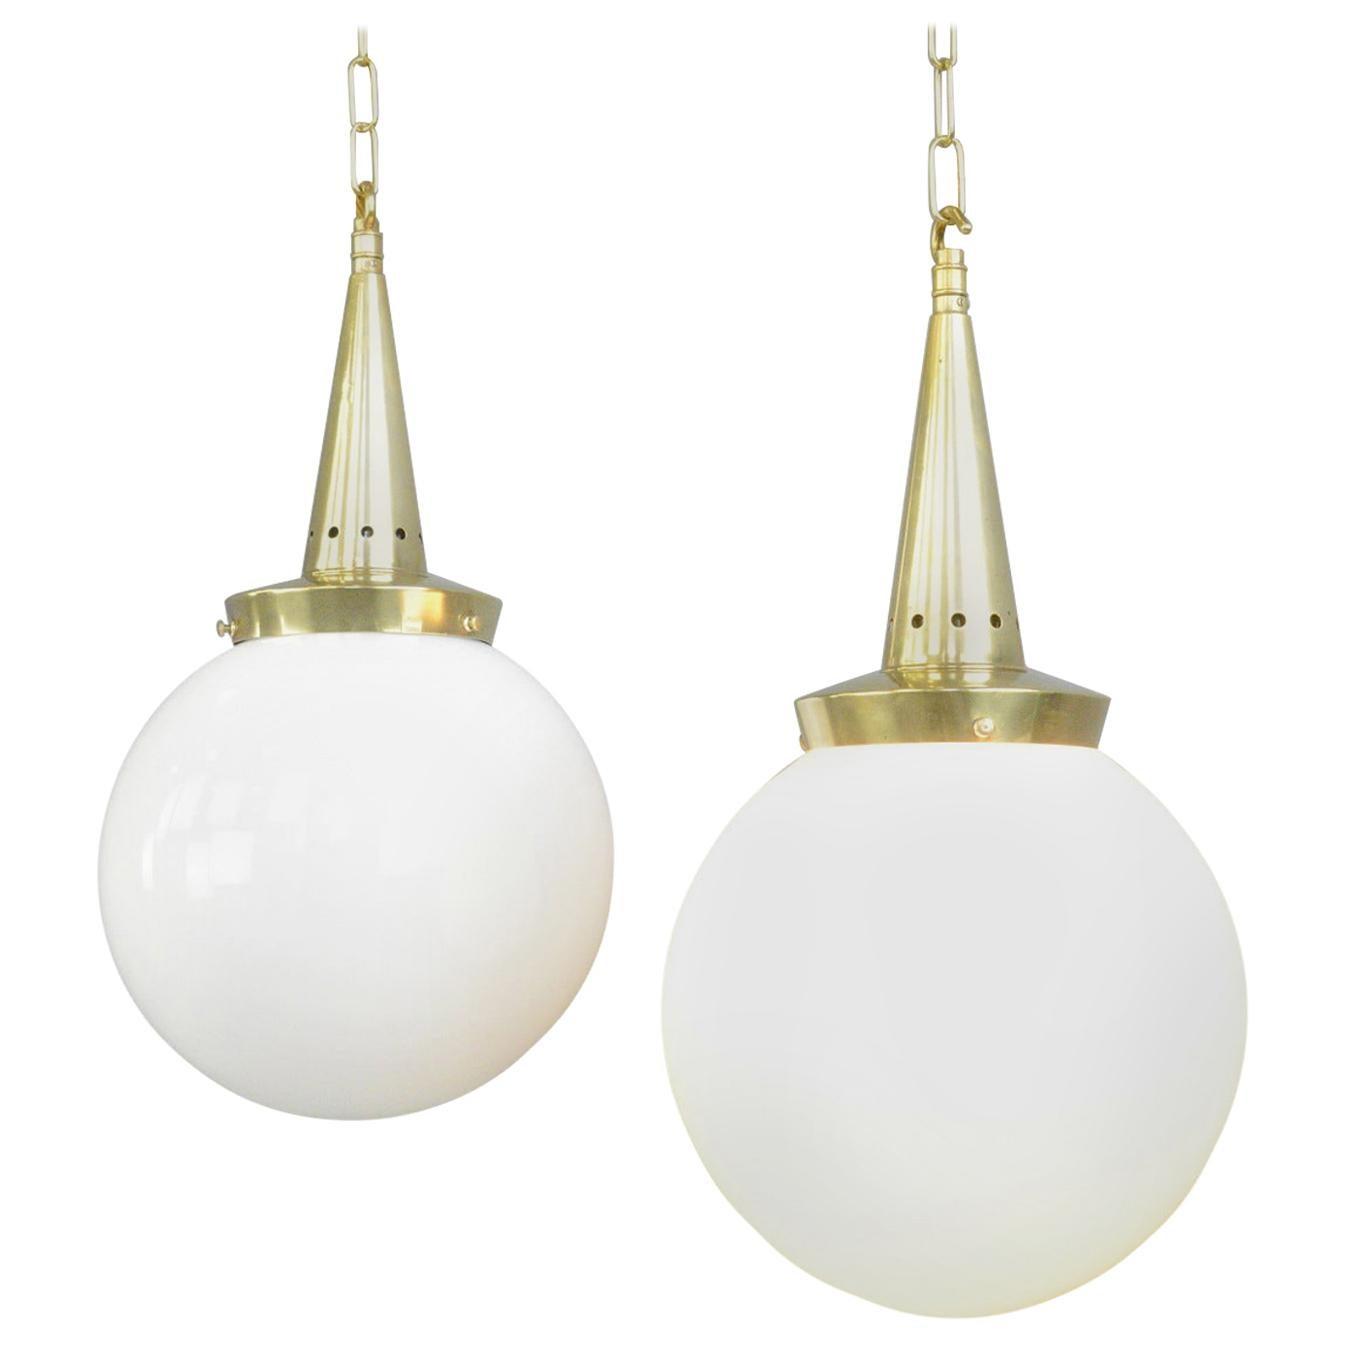 Opaline Pendant Lights by Marianne Brandt for Schwintzer & Gräff